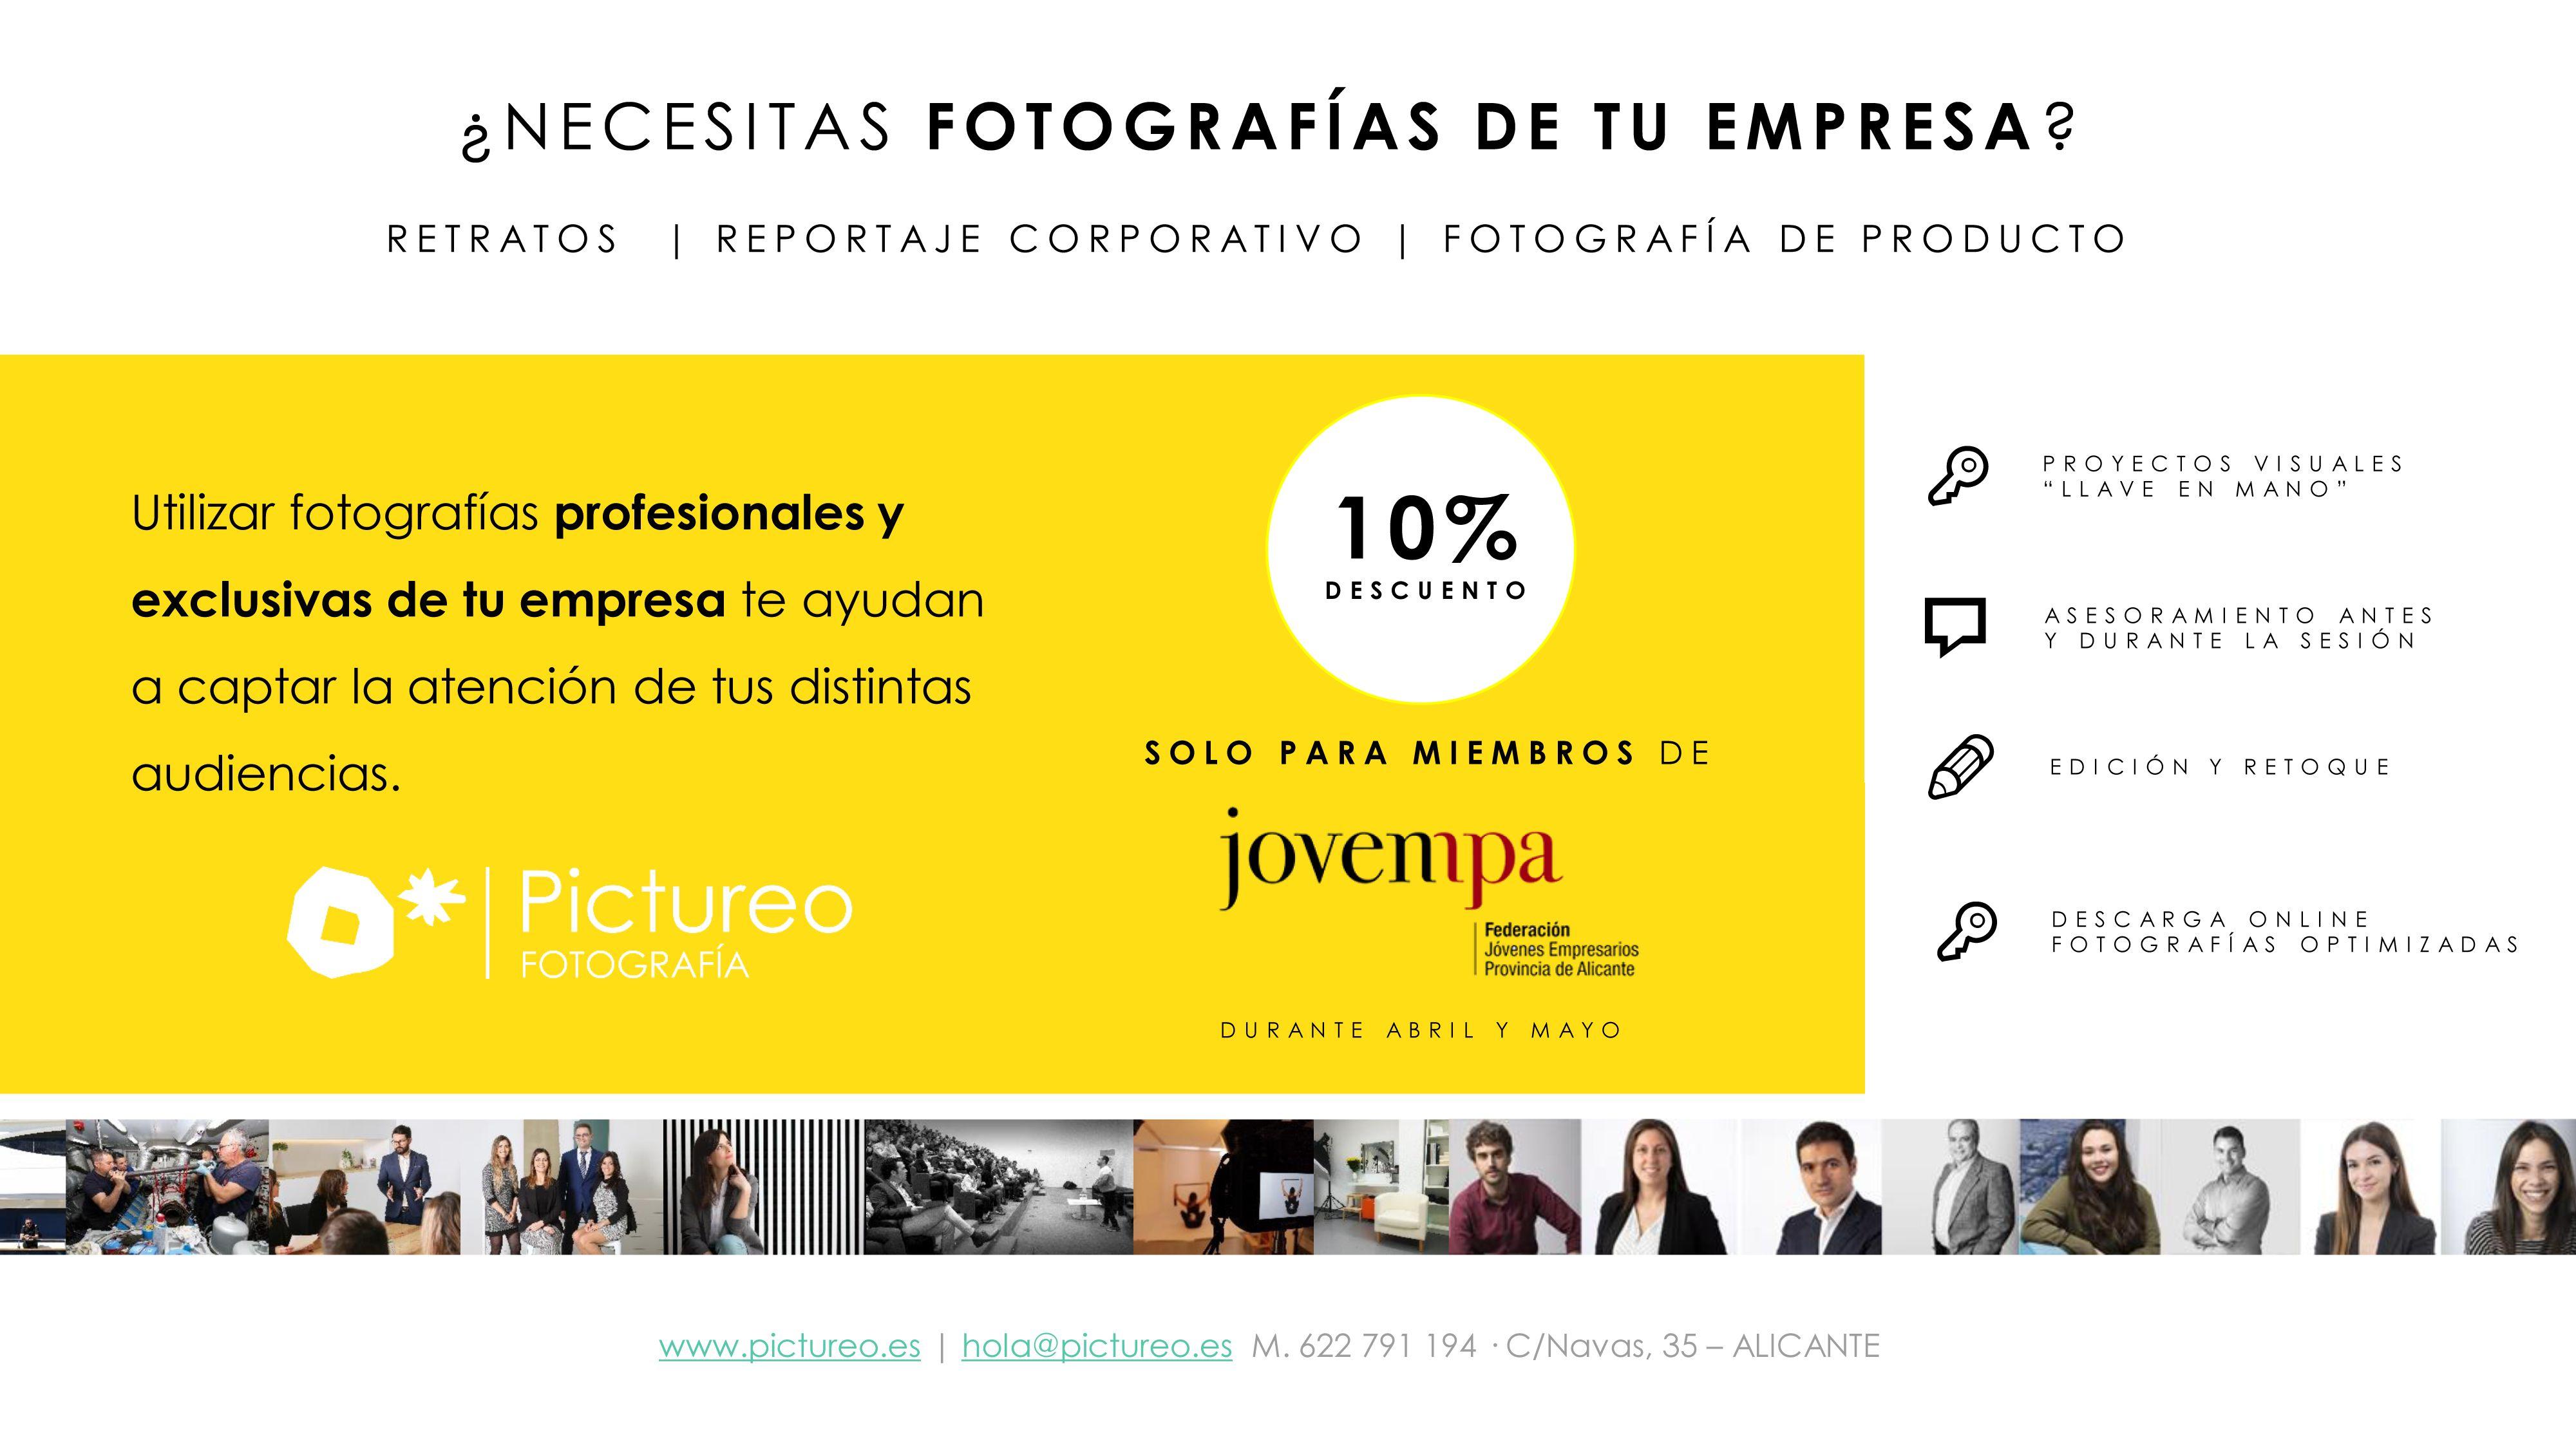 pictureo fotografia profesionales y empresas alicante